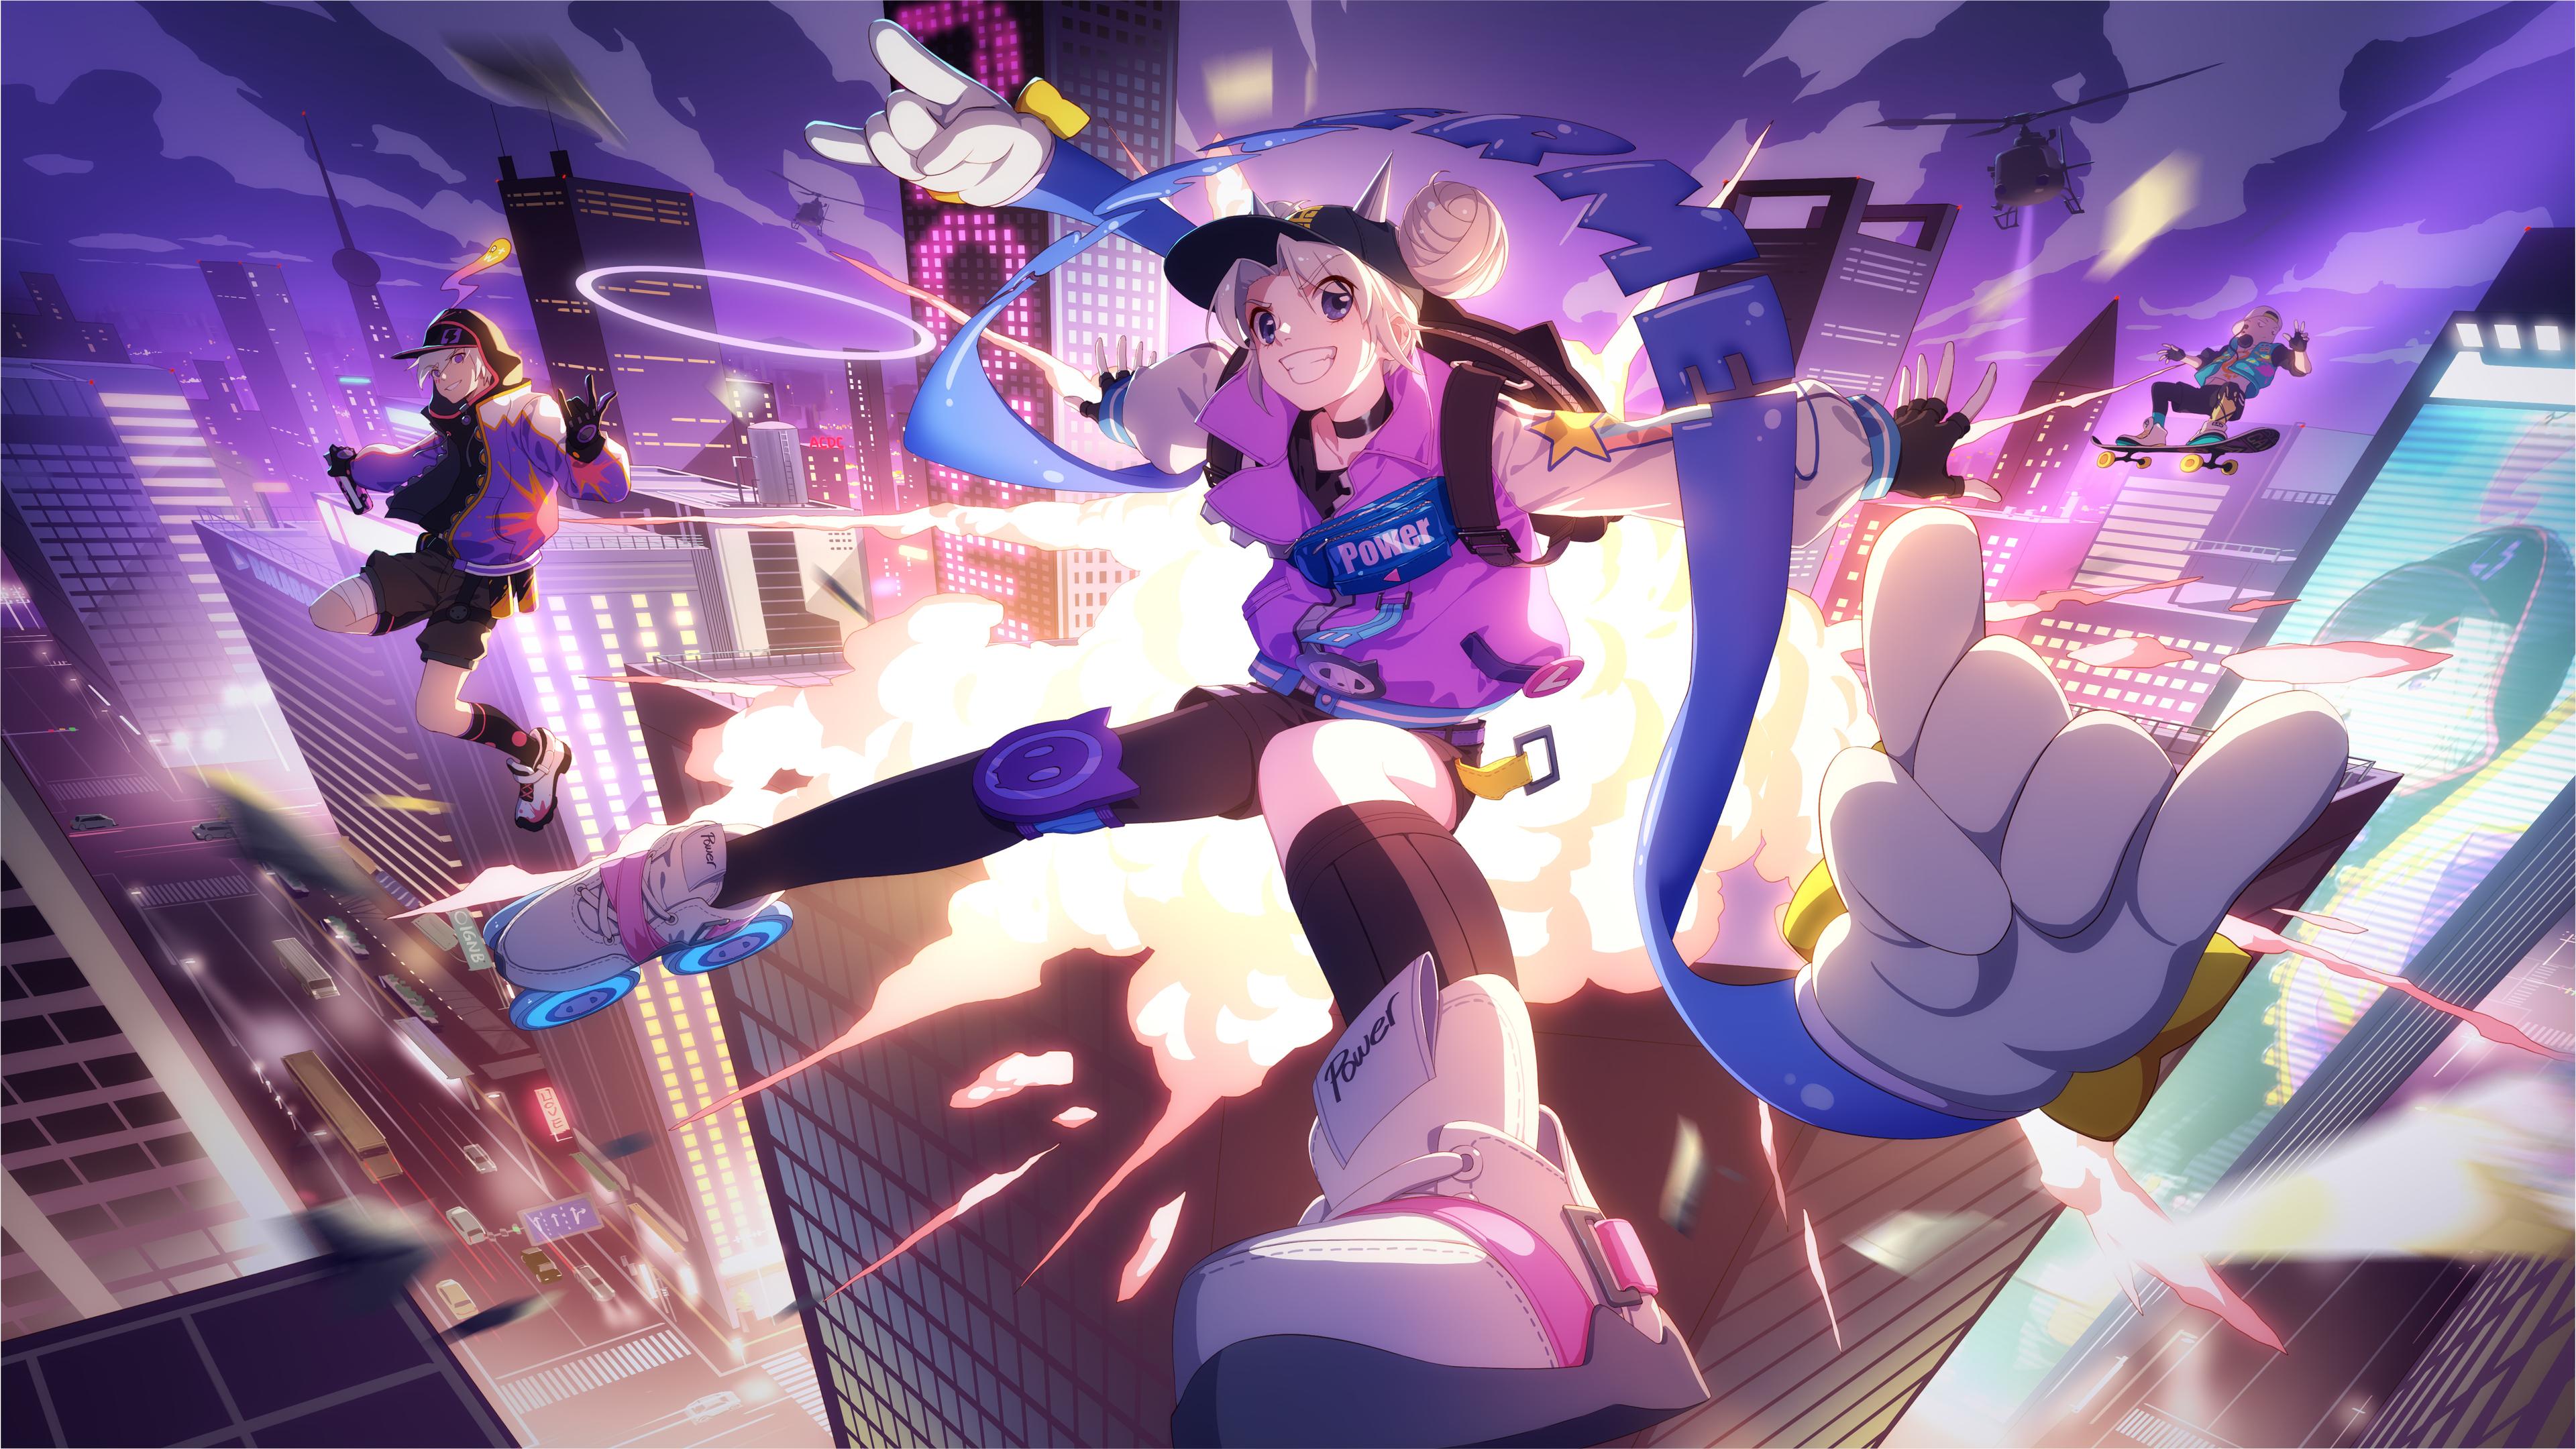 Wallpaper 4k Anime Sneaker Girl Illustration 4k 4k Wallpapers 5k Wallpapers Anime Girl Wallpapers Anime Wallpapers Artist Wallpapers Artwork Wallpapers Digital Art Wallpapers Hd Wallpapers